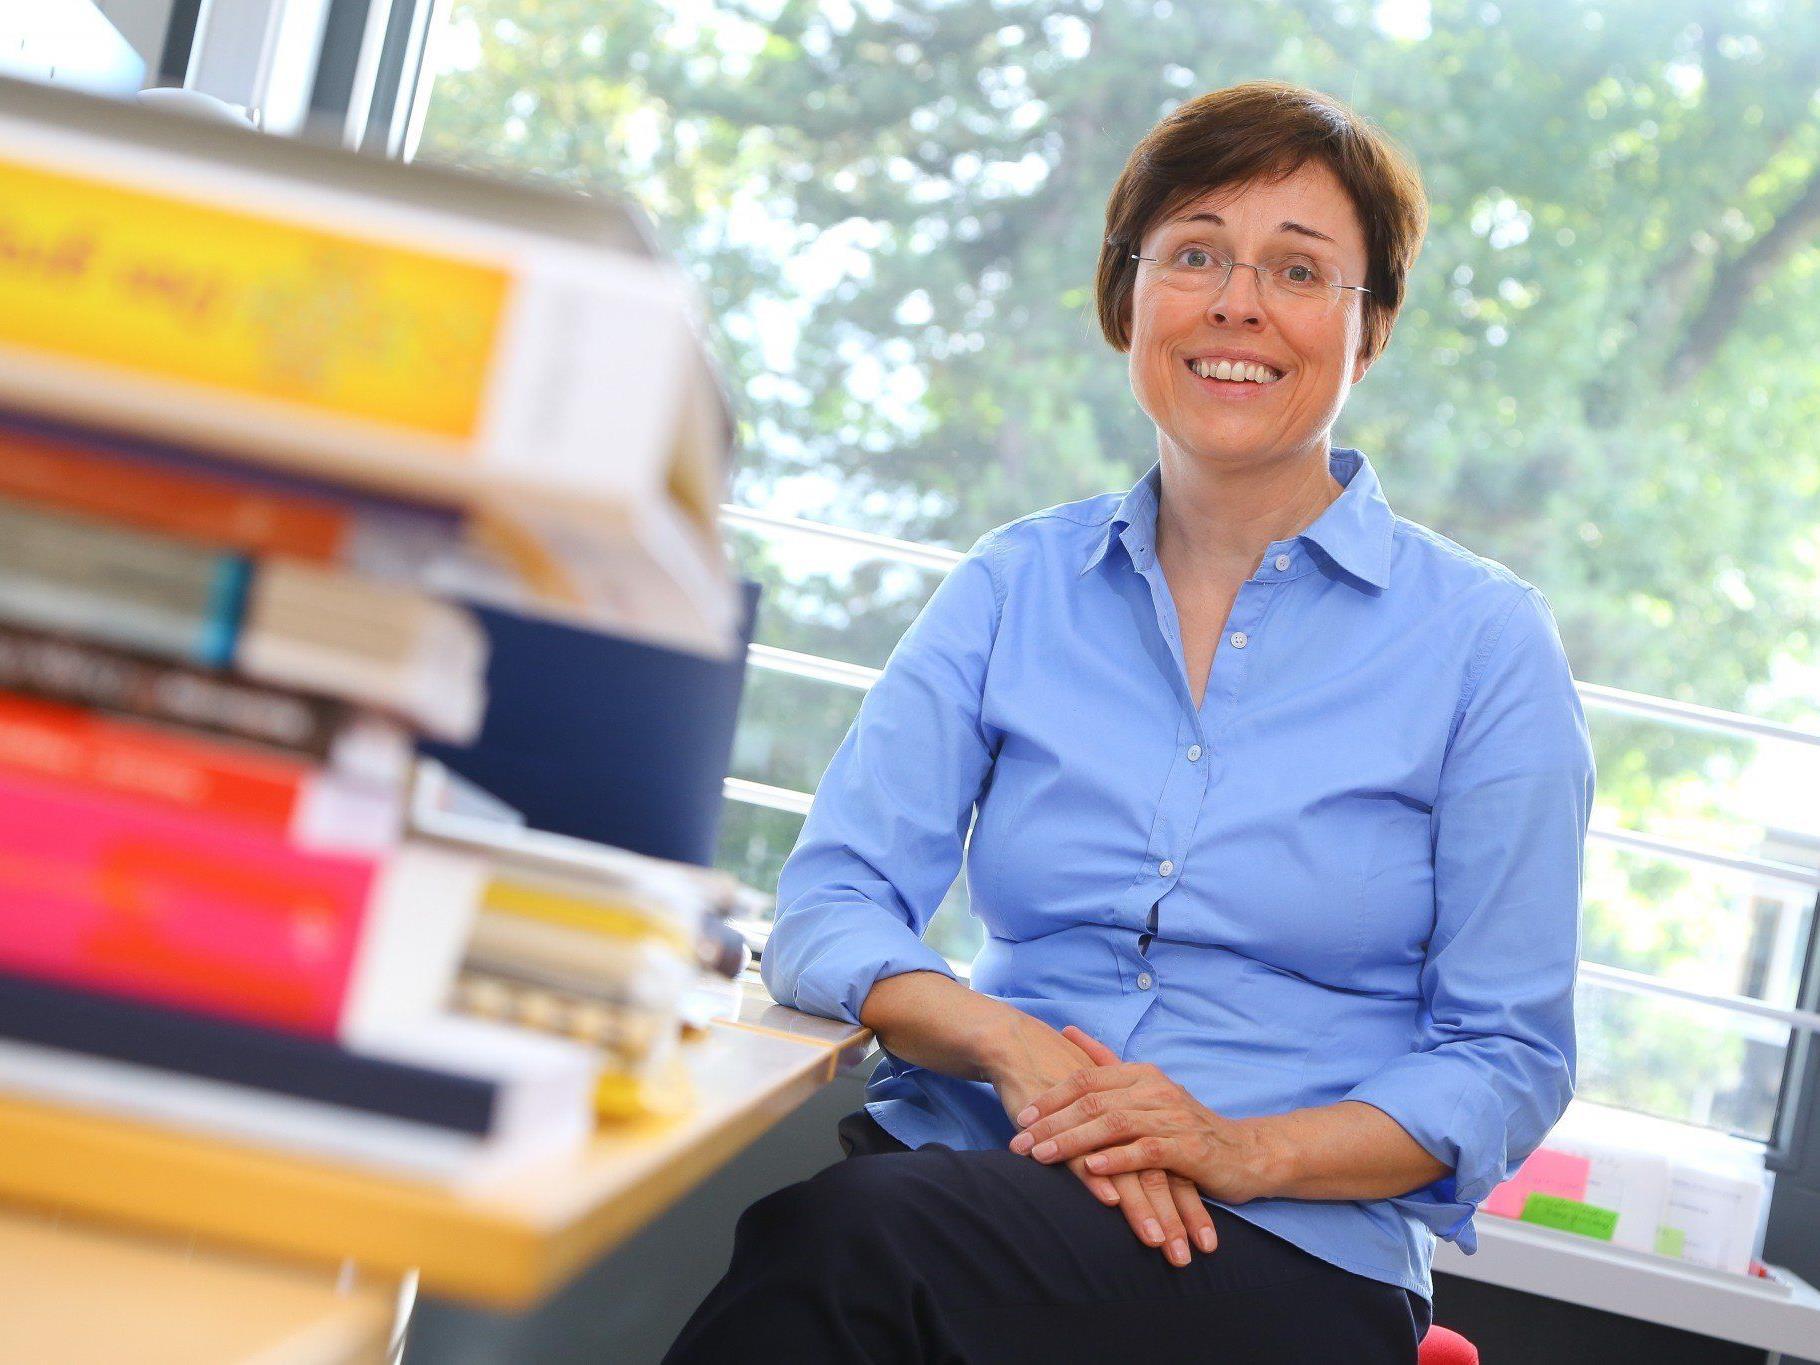 Engagiert leitet Eva Grabherr Integrationsprozesse an. Nun wird sie mit dem Toni-Russ-Preis ausgezeichnet.